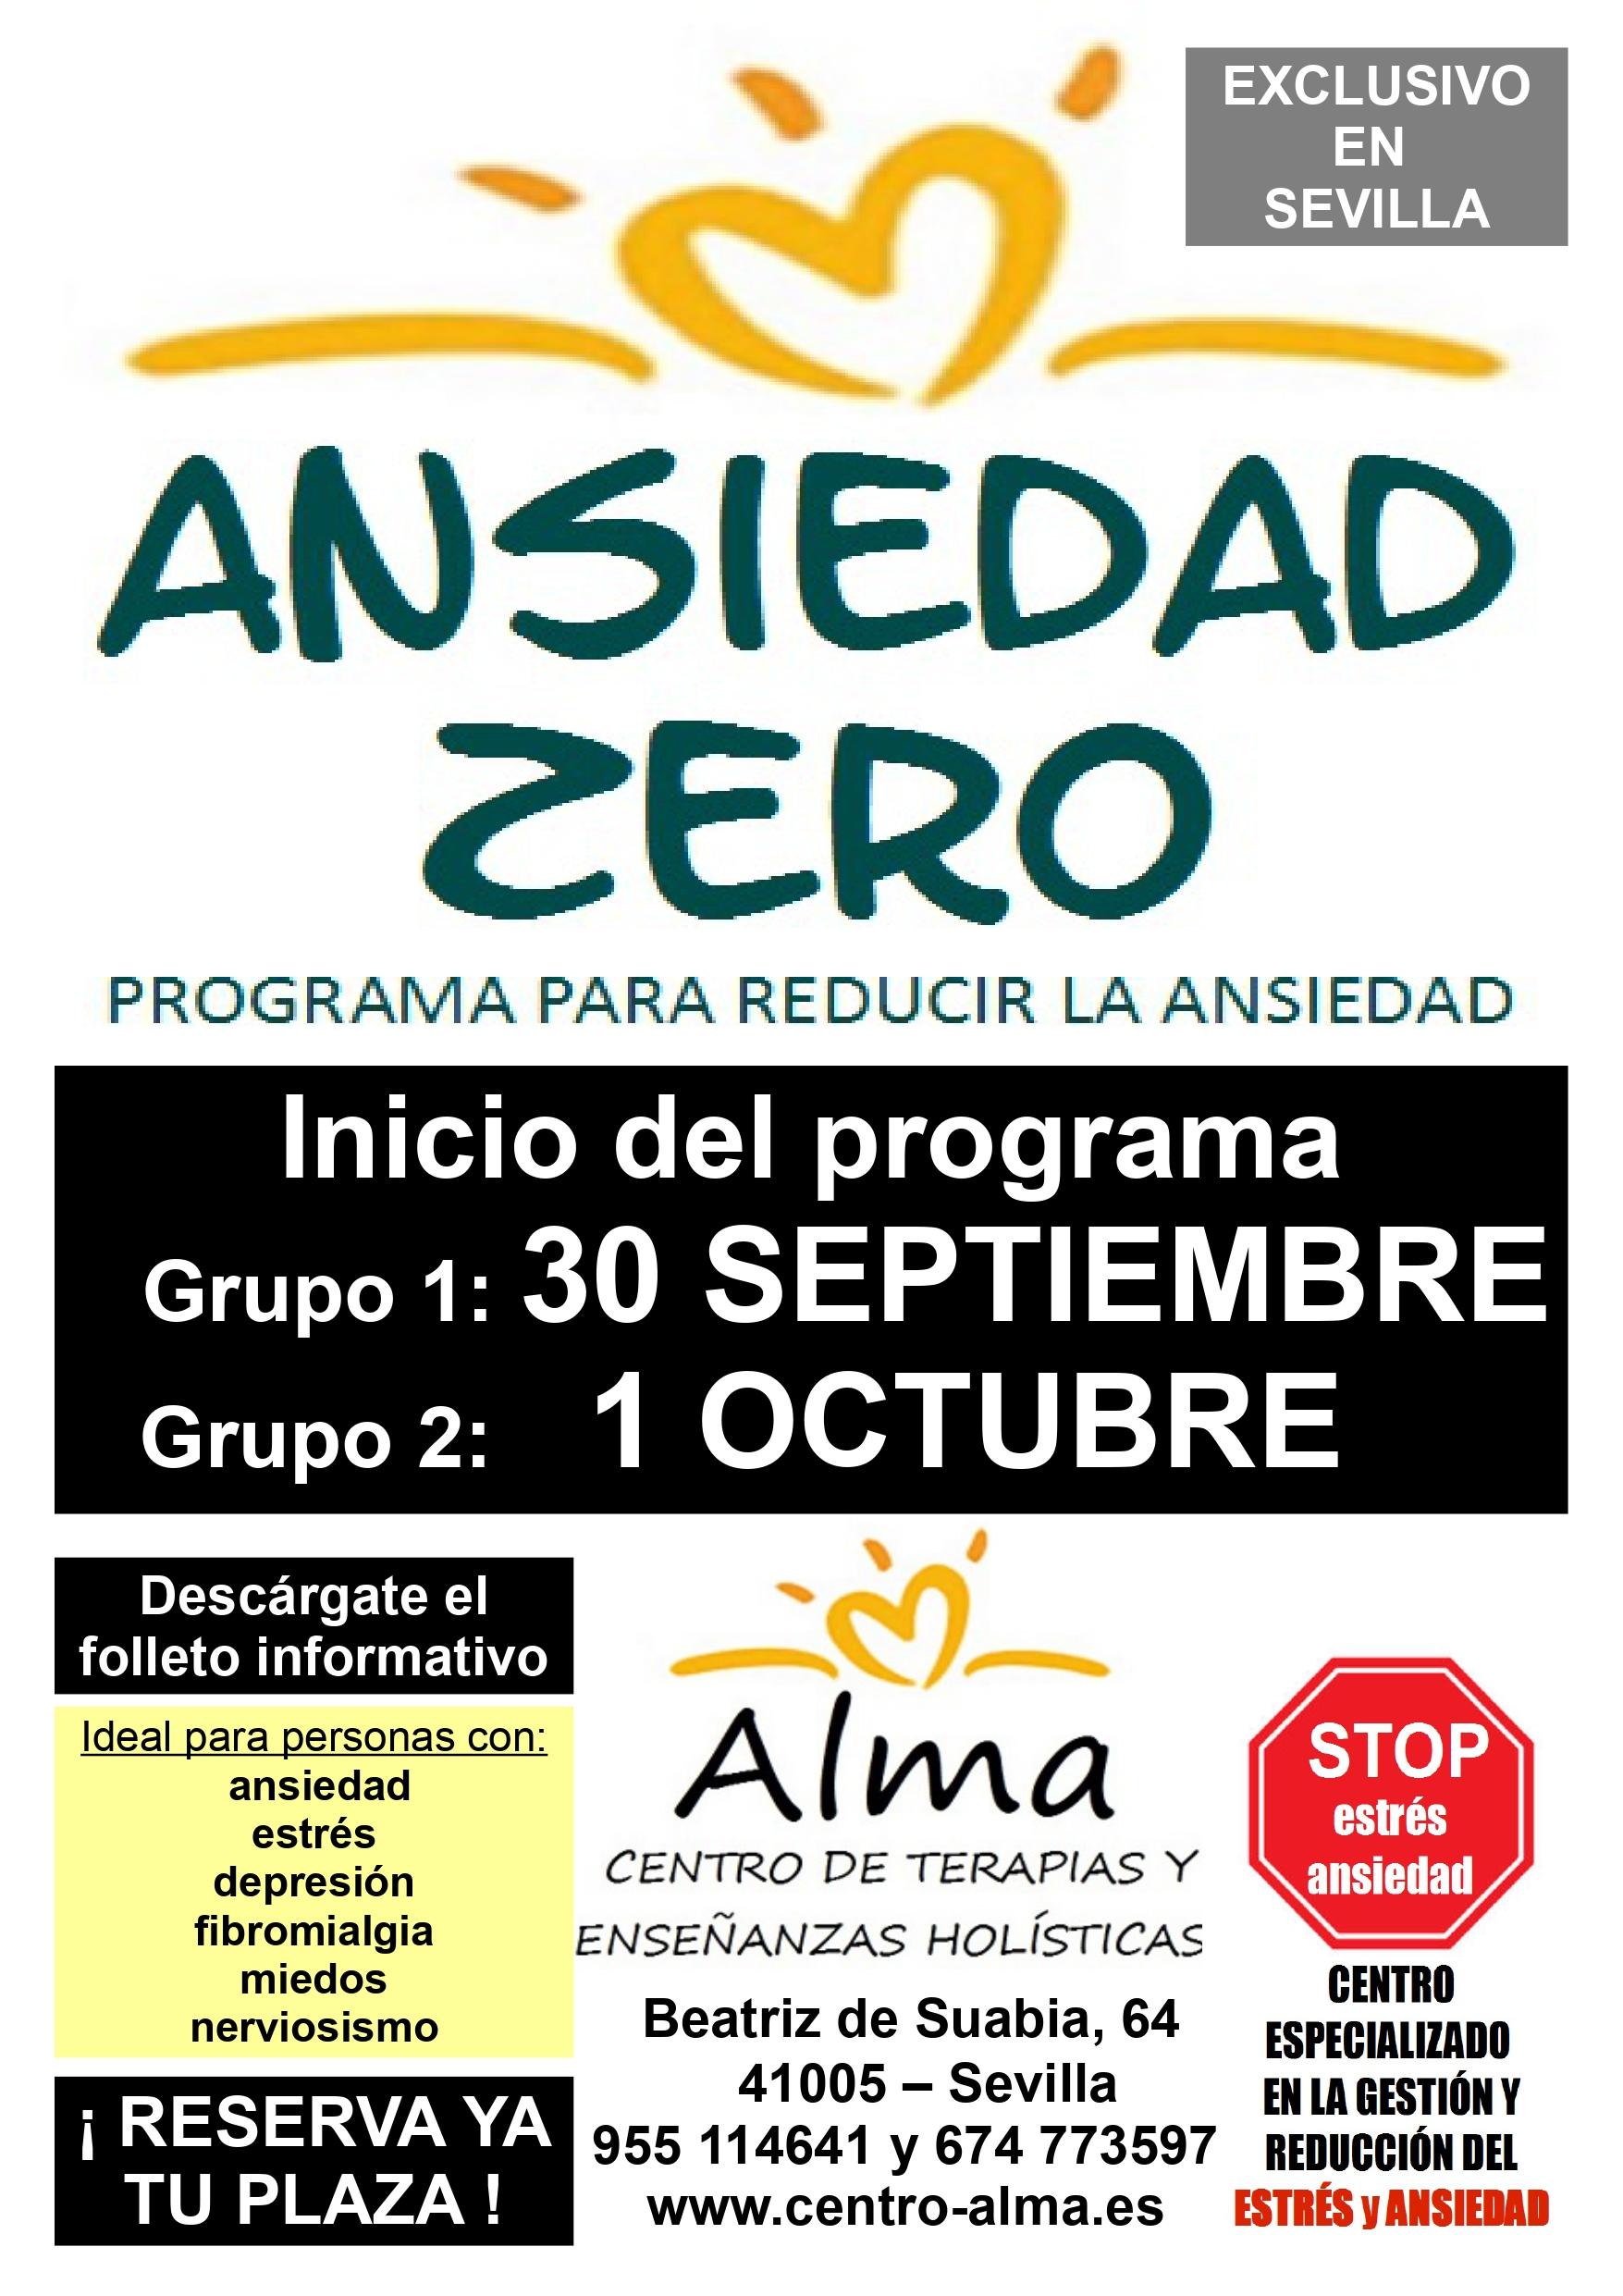 poster ansiedad zero A3 septiembre 2020